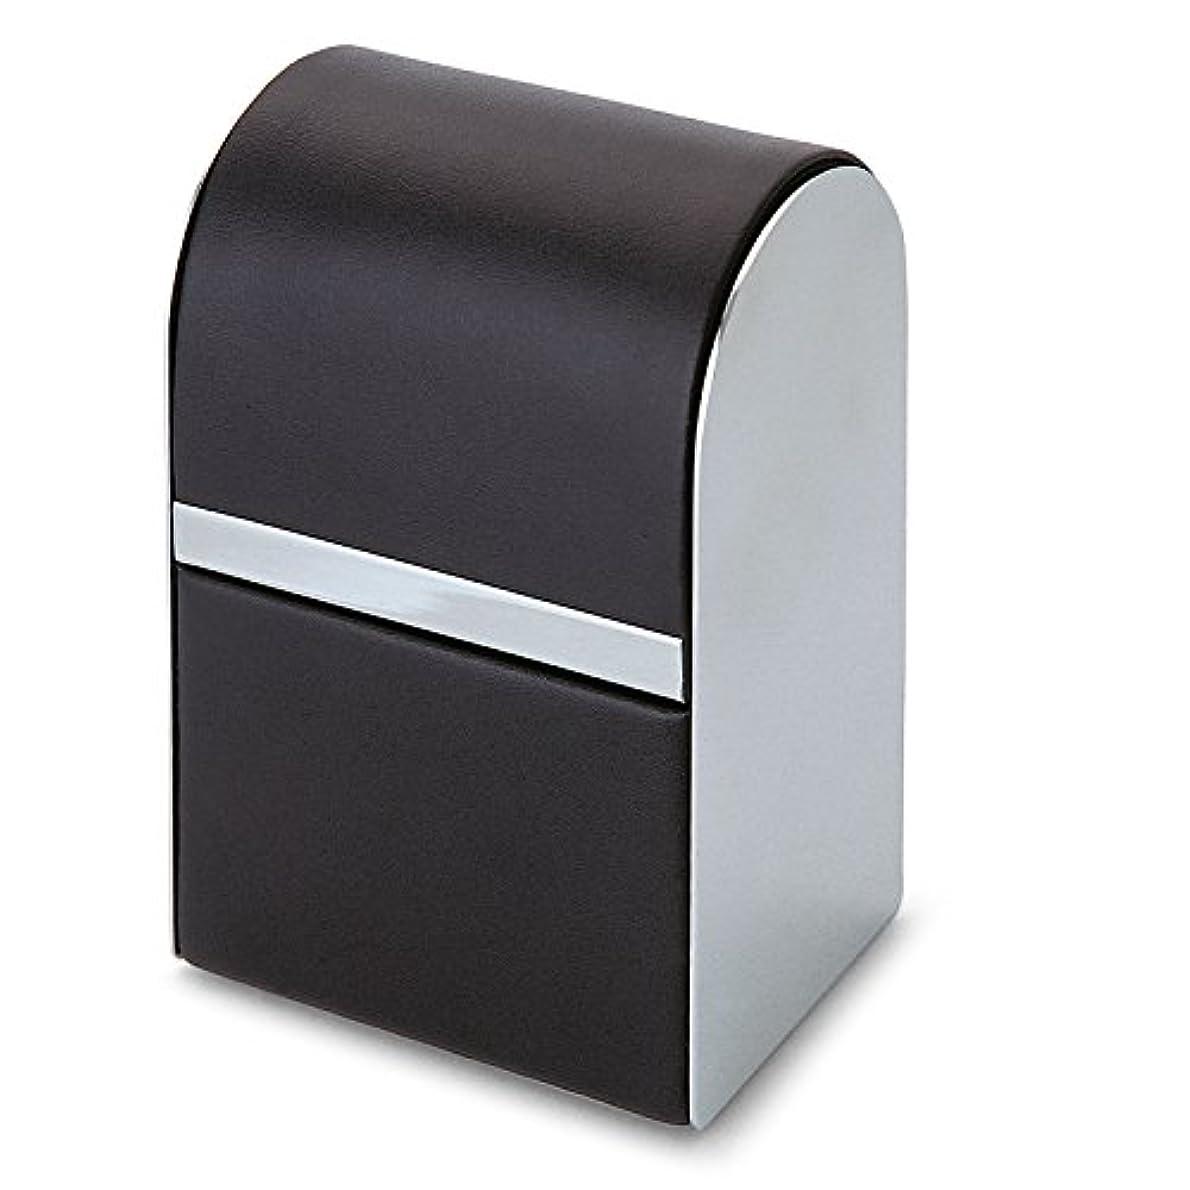 落とし穴手段利用可能Philippi Giorgio メンズ身だしなみキット 7pcsセット leather stainless polished